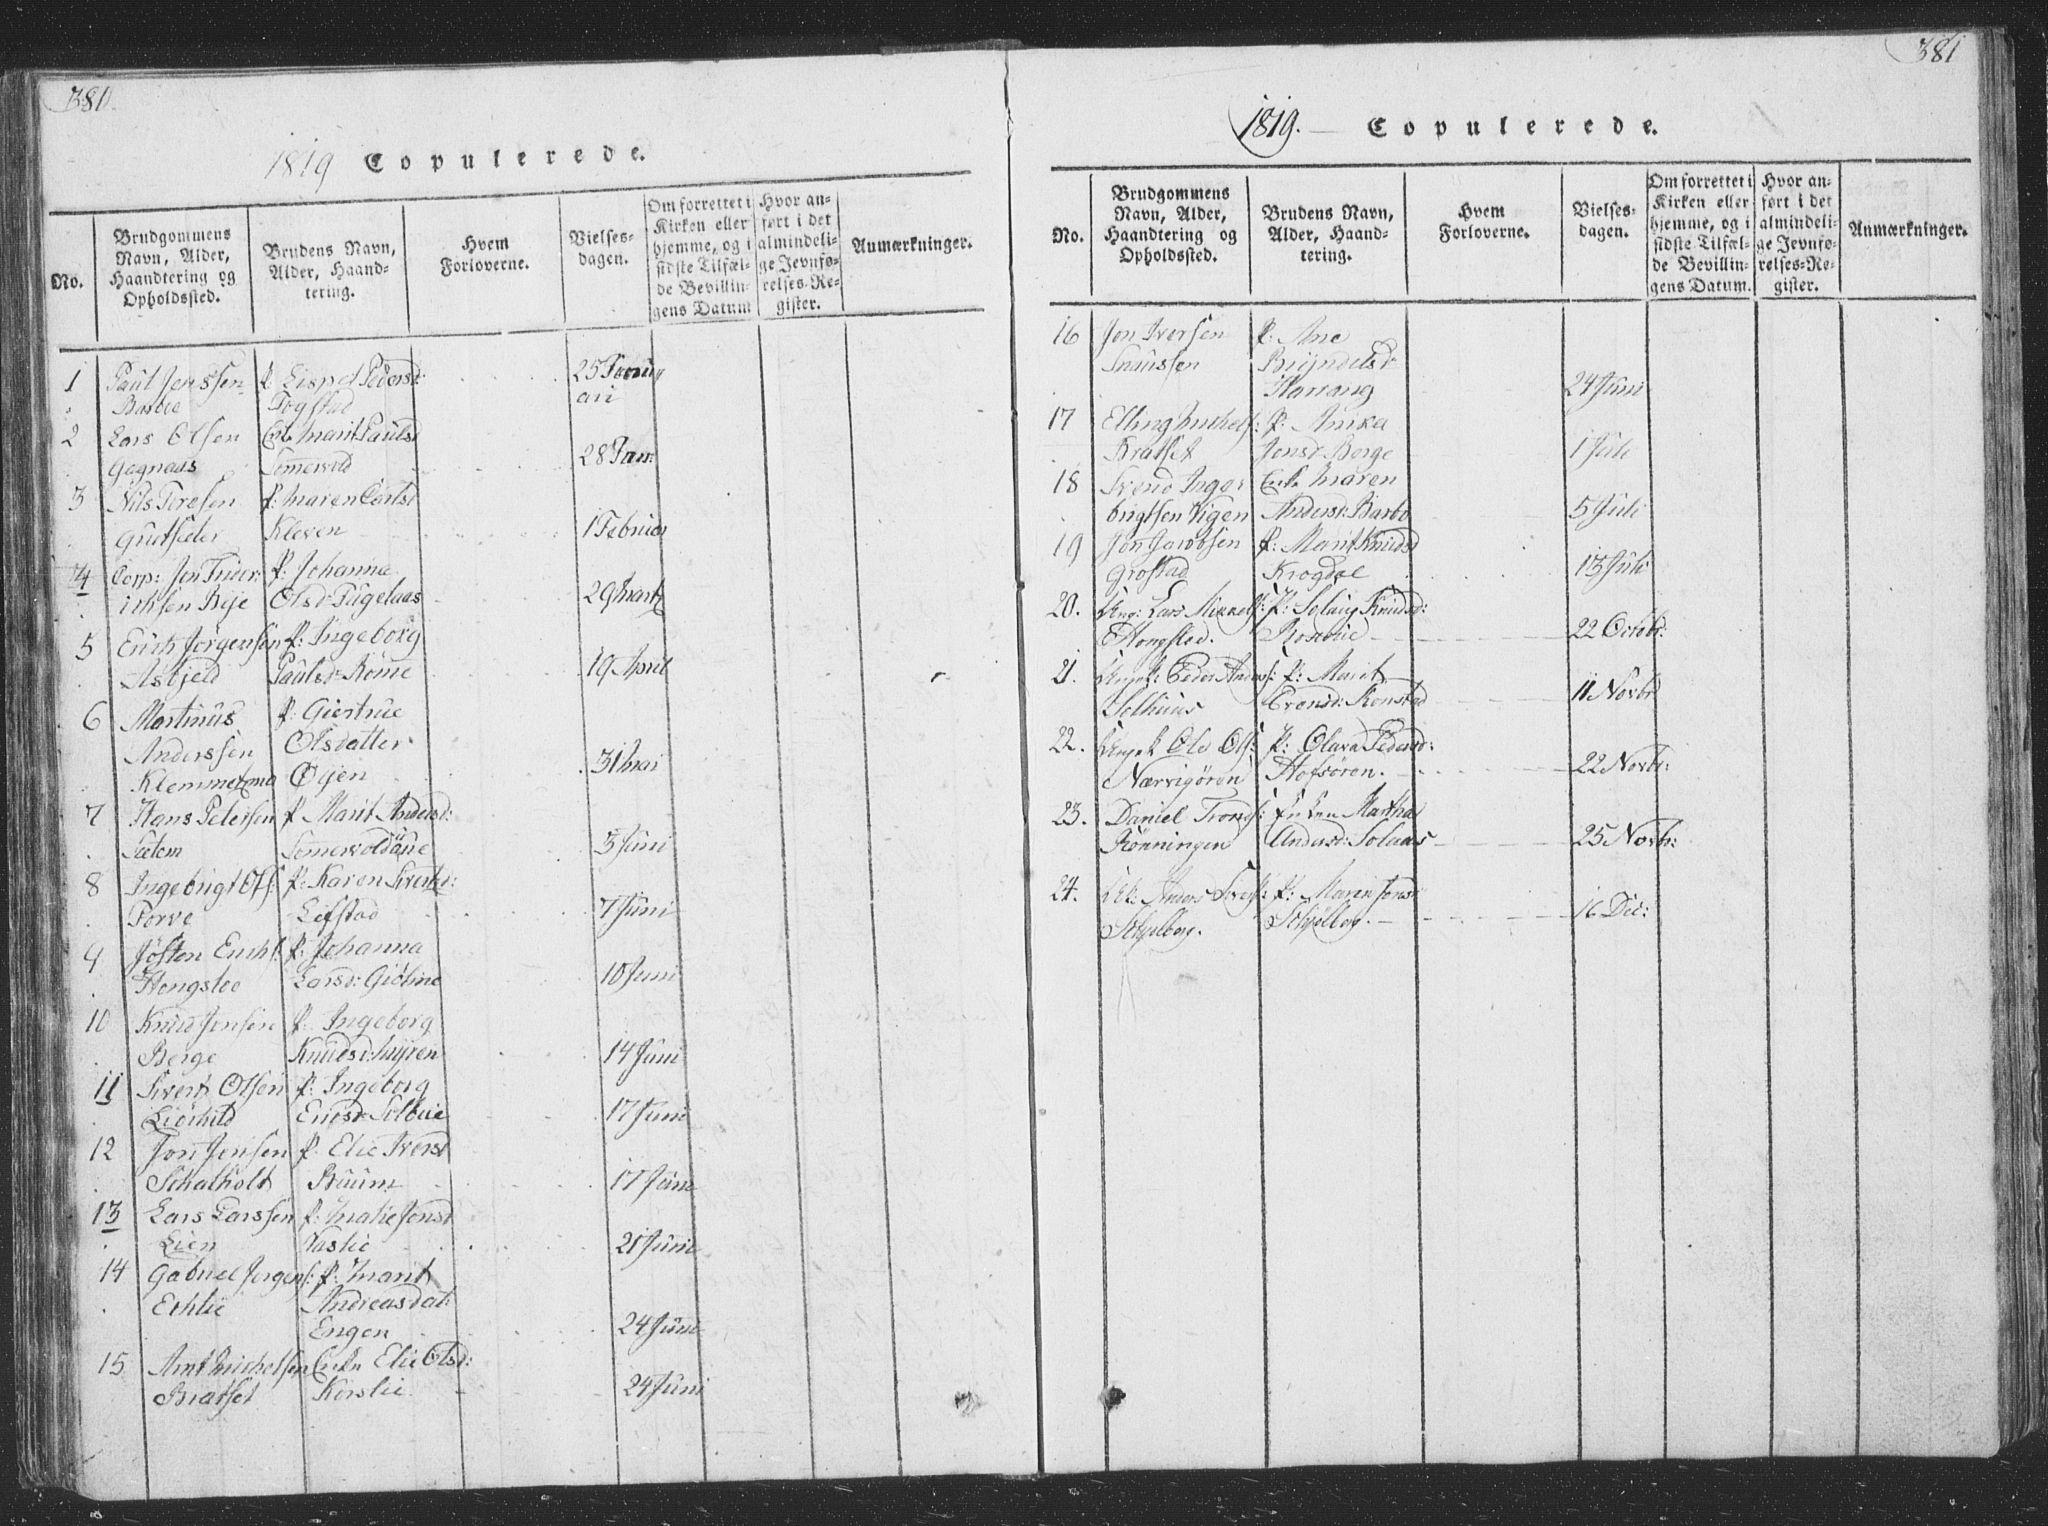 SAT, Ministerialprotokoller, klokkerbøker og fødselsregistre - Sør-Trøndelag, 668/L0816: Klokkerbok nr. 668C05, 1816-1893, s. 380-381